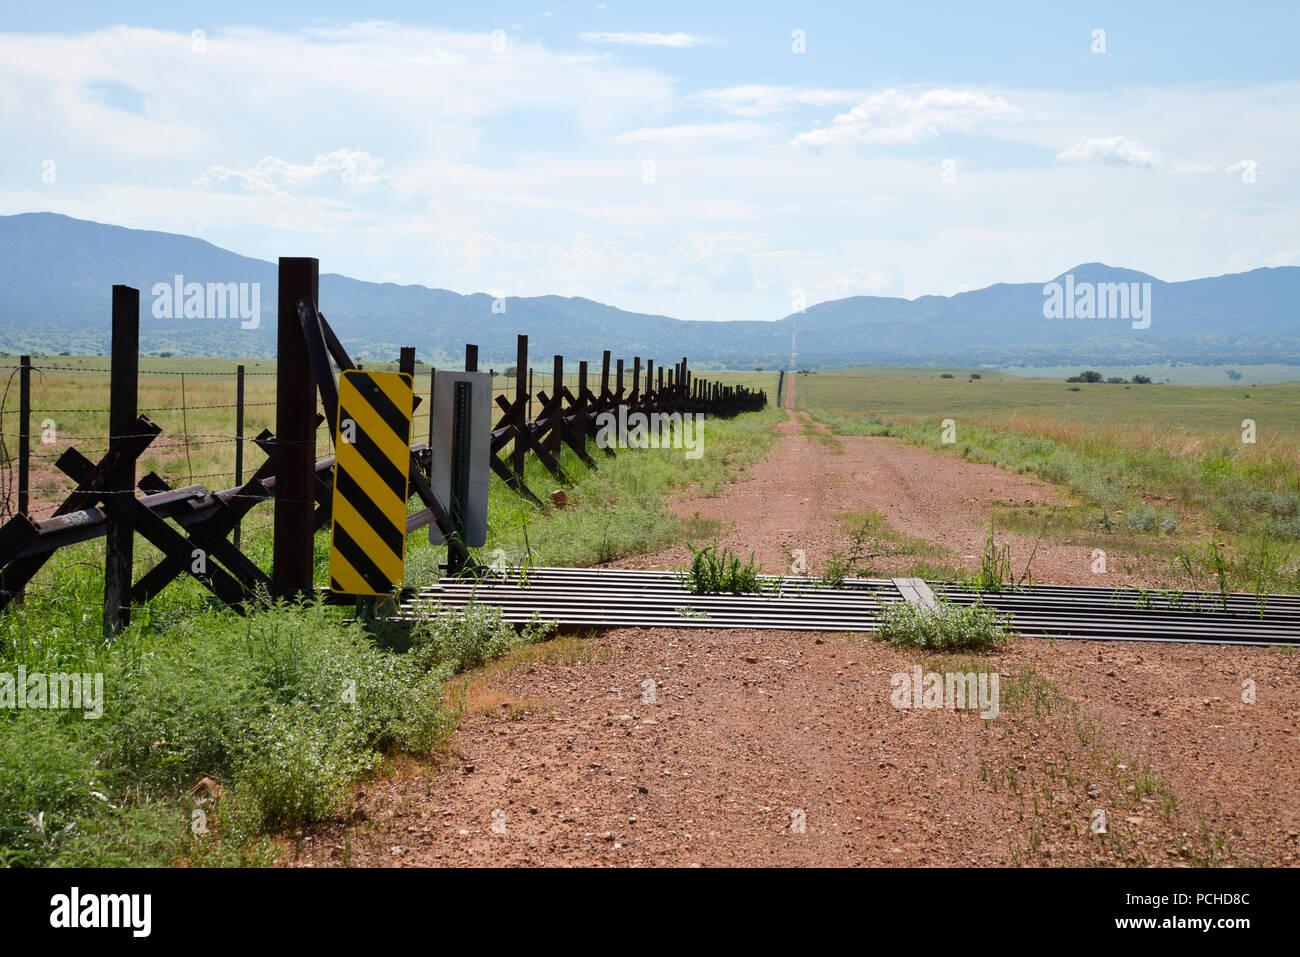 Ein Zaun Zeigt Die Internationale Grenze Zwischen Sonora Mexiko